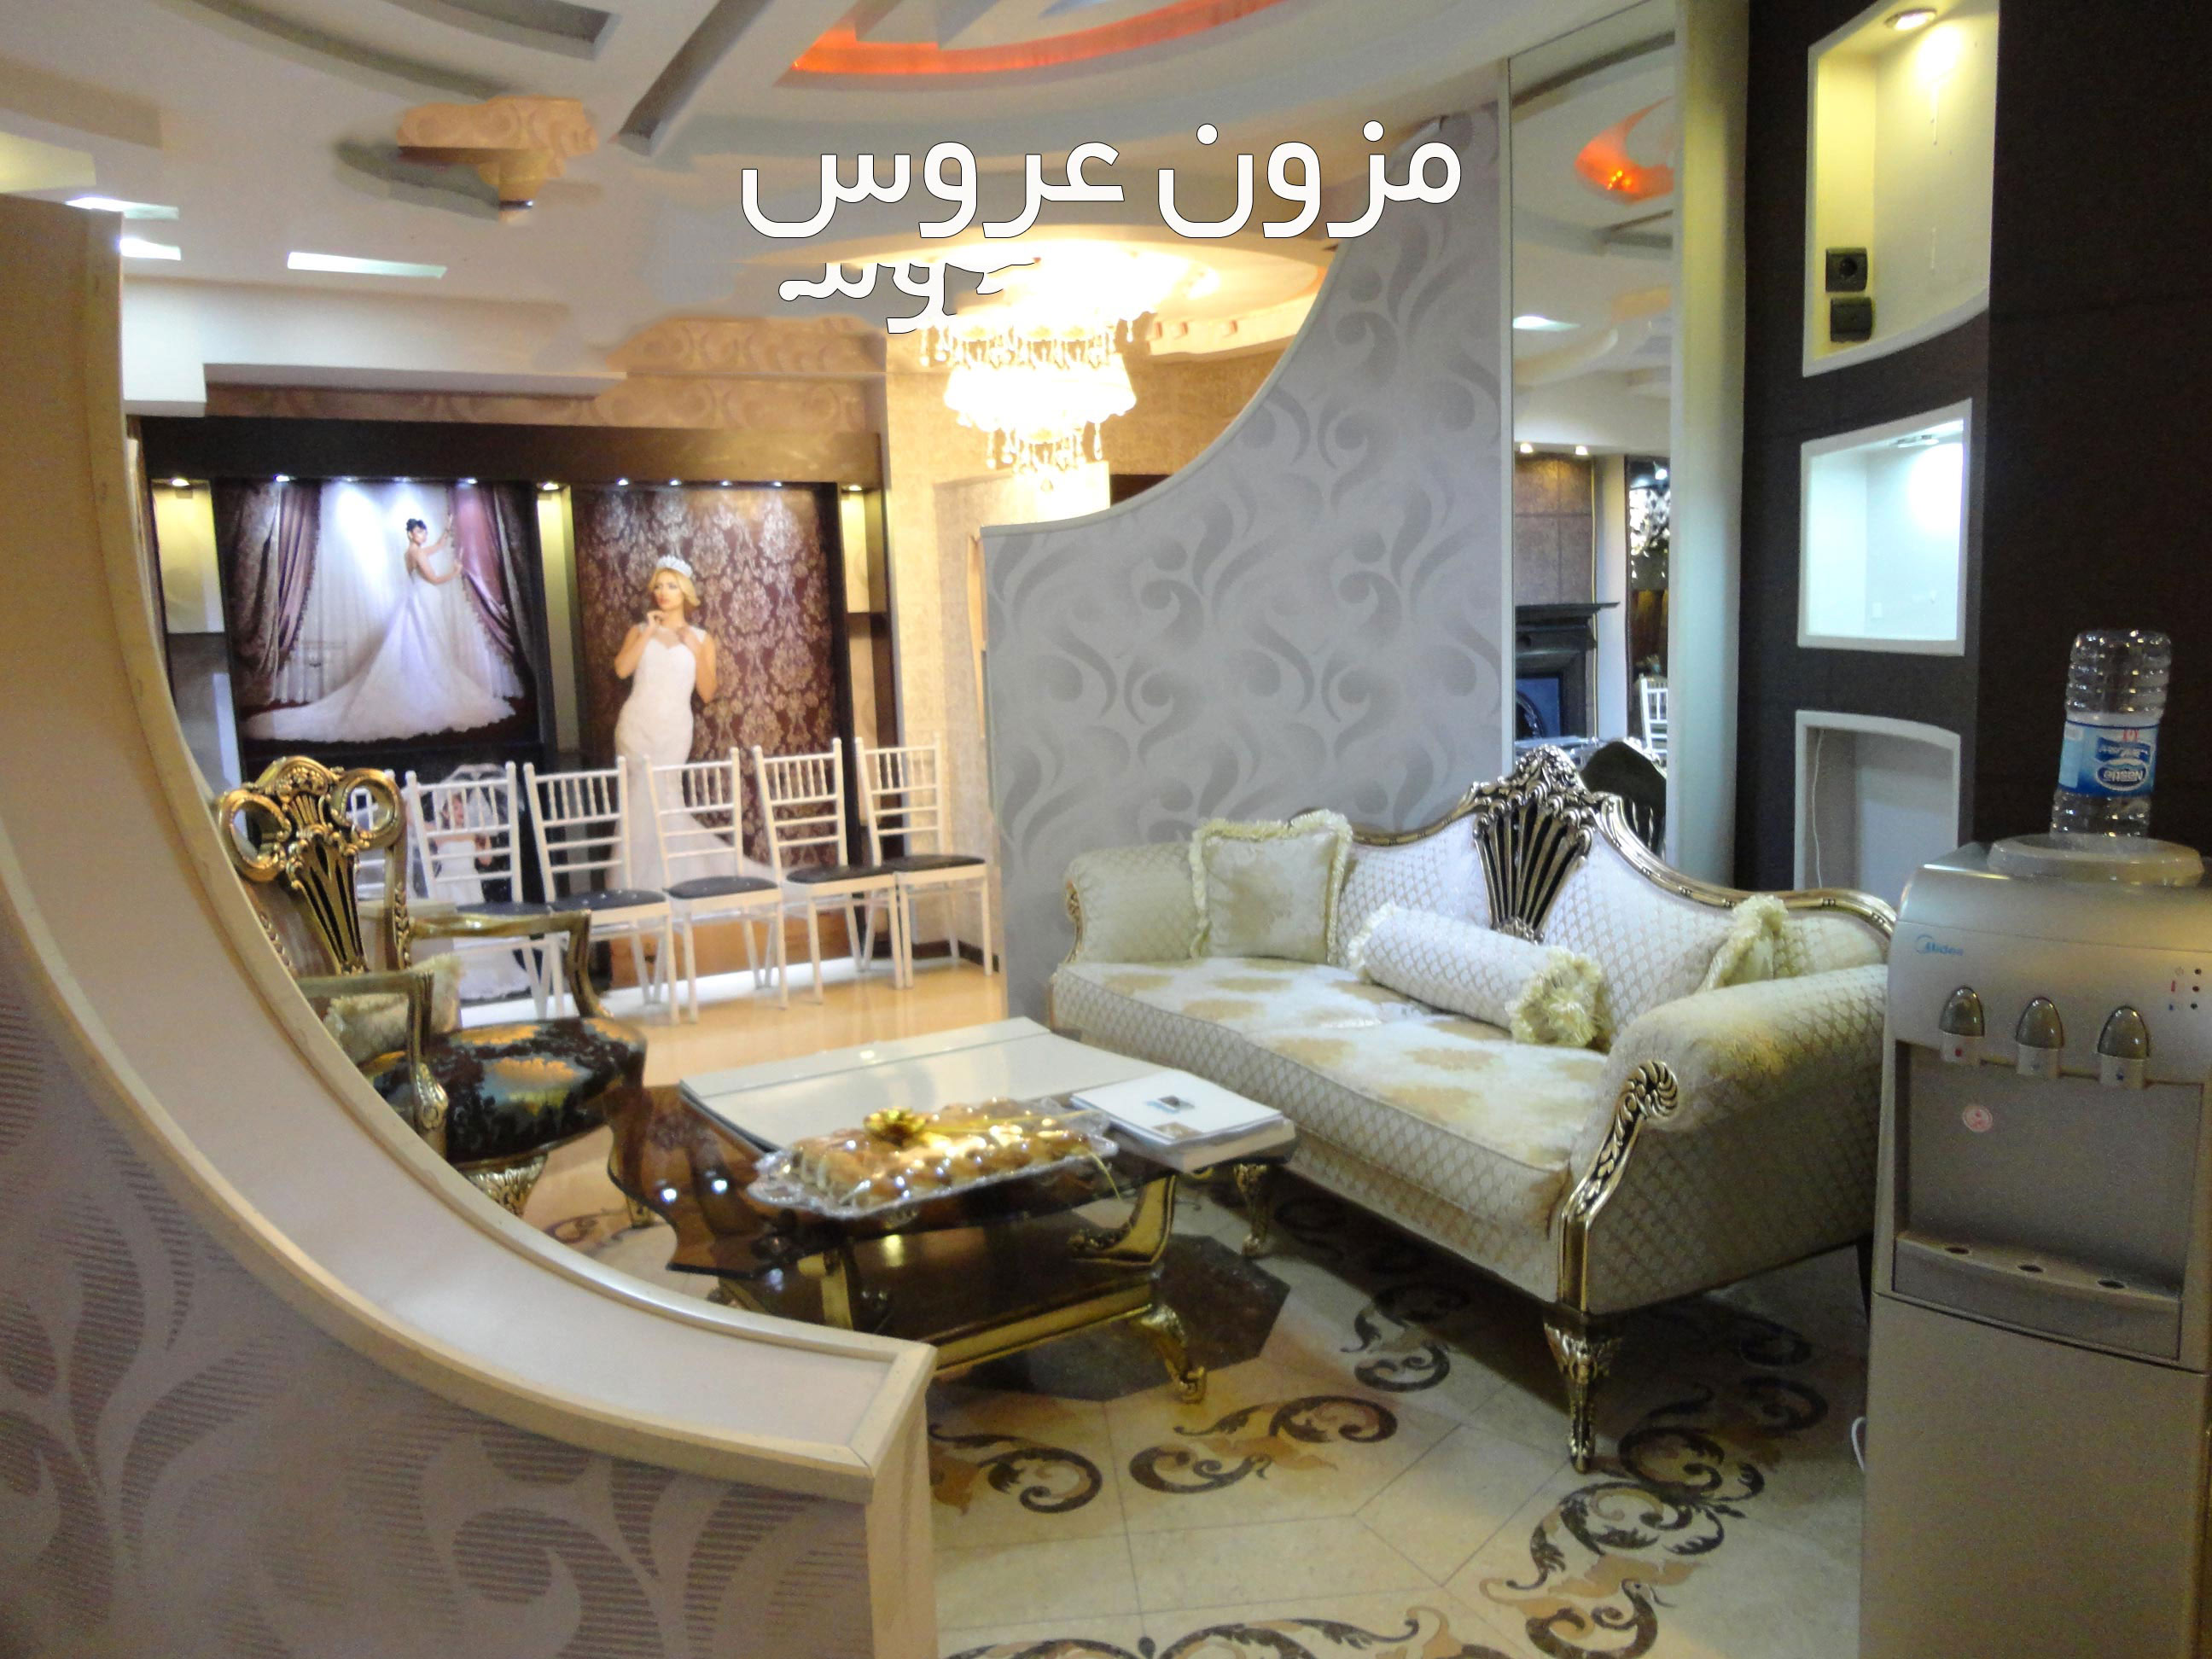 بهترین مزون های لباس عروس در کرج و تهران ,مرکز دوخت لباس عروس سفارش دوخت لباس عروس در کرج و تهران